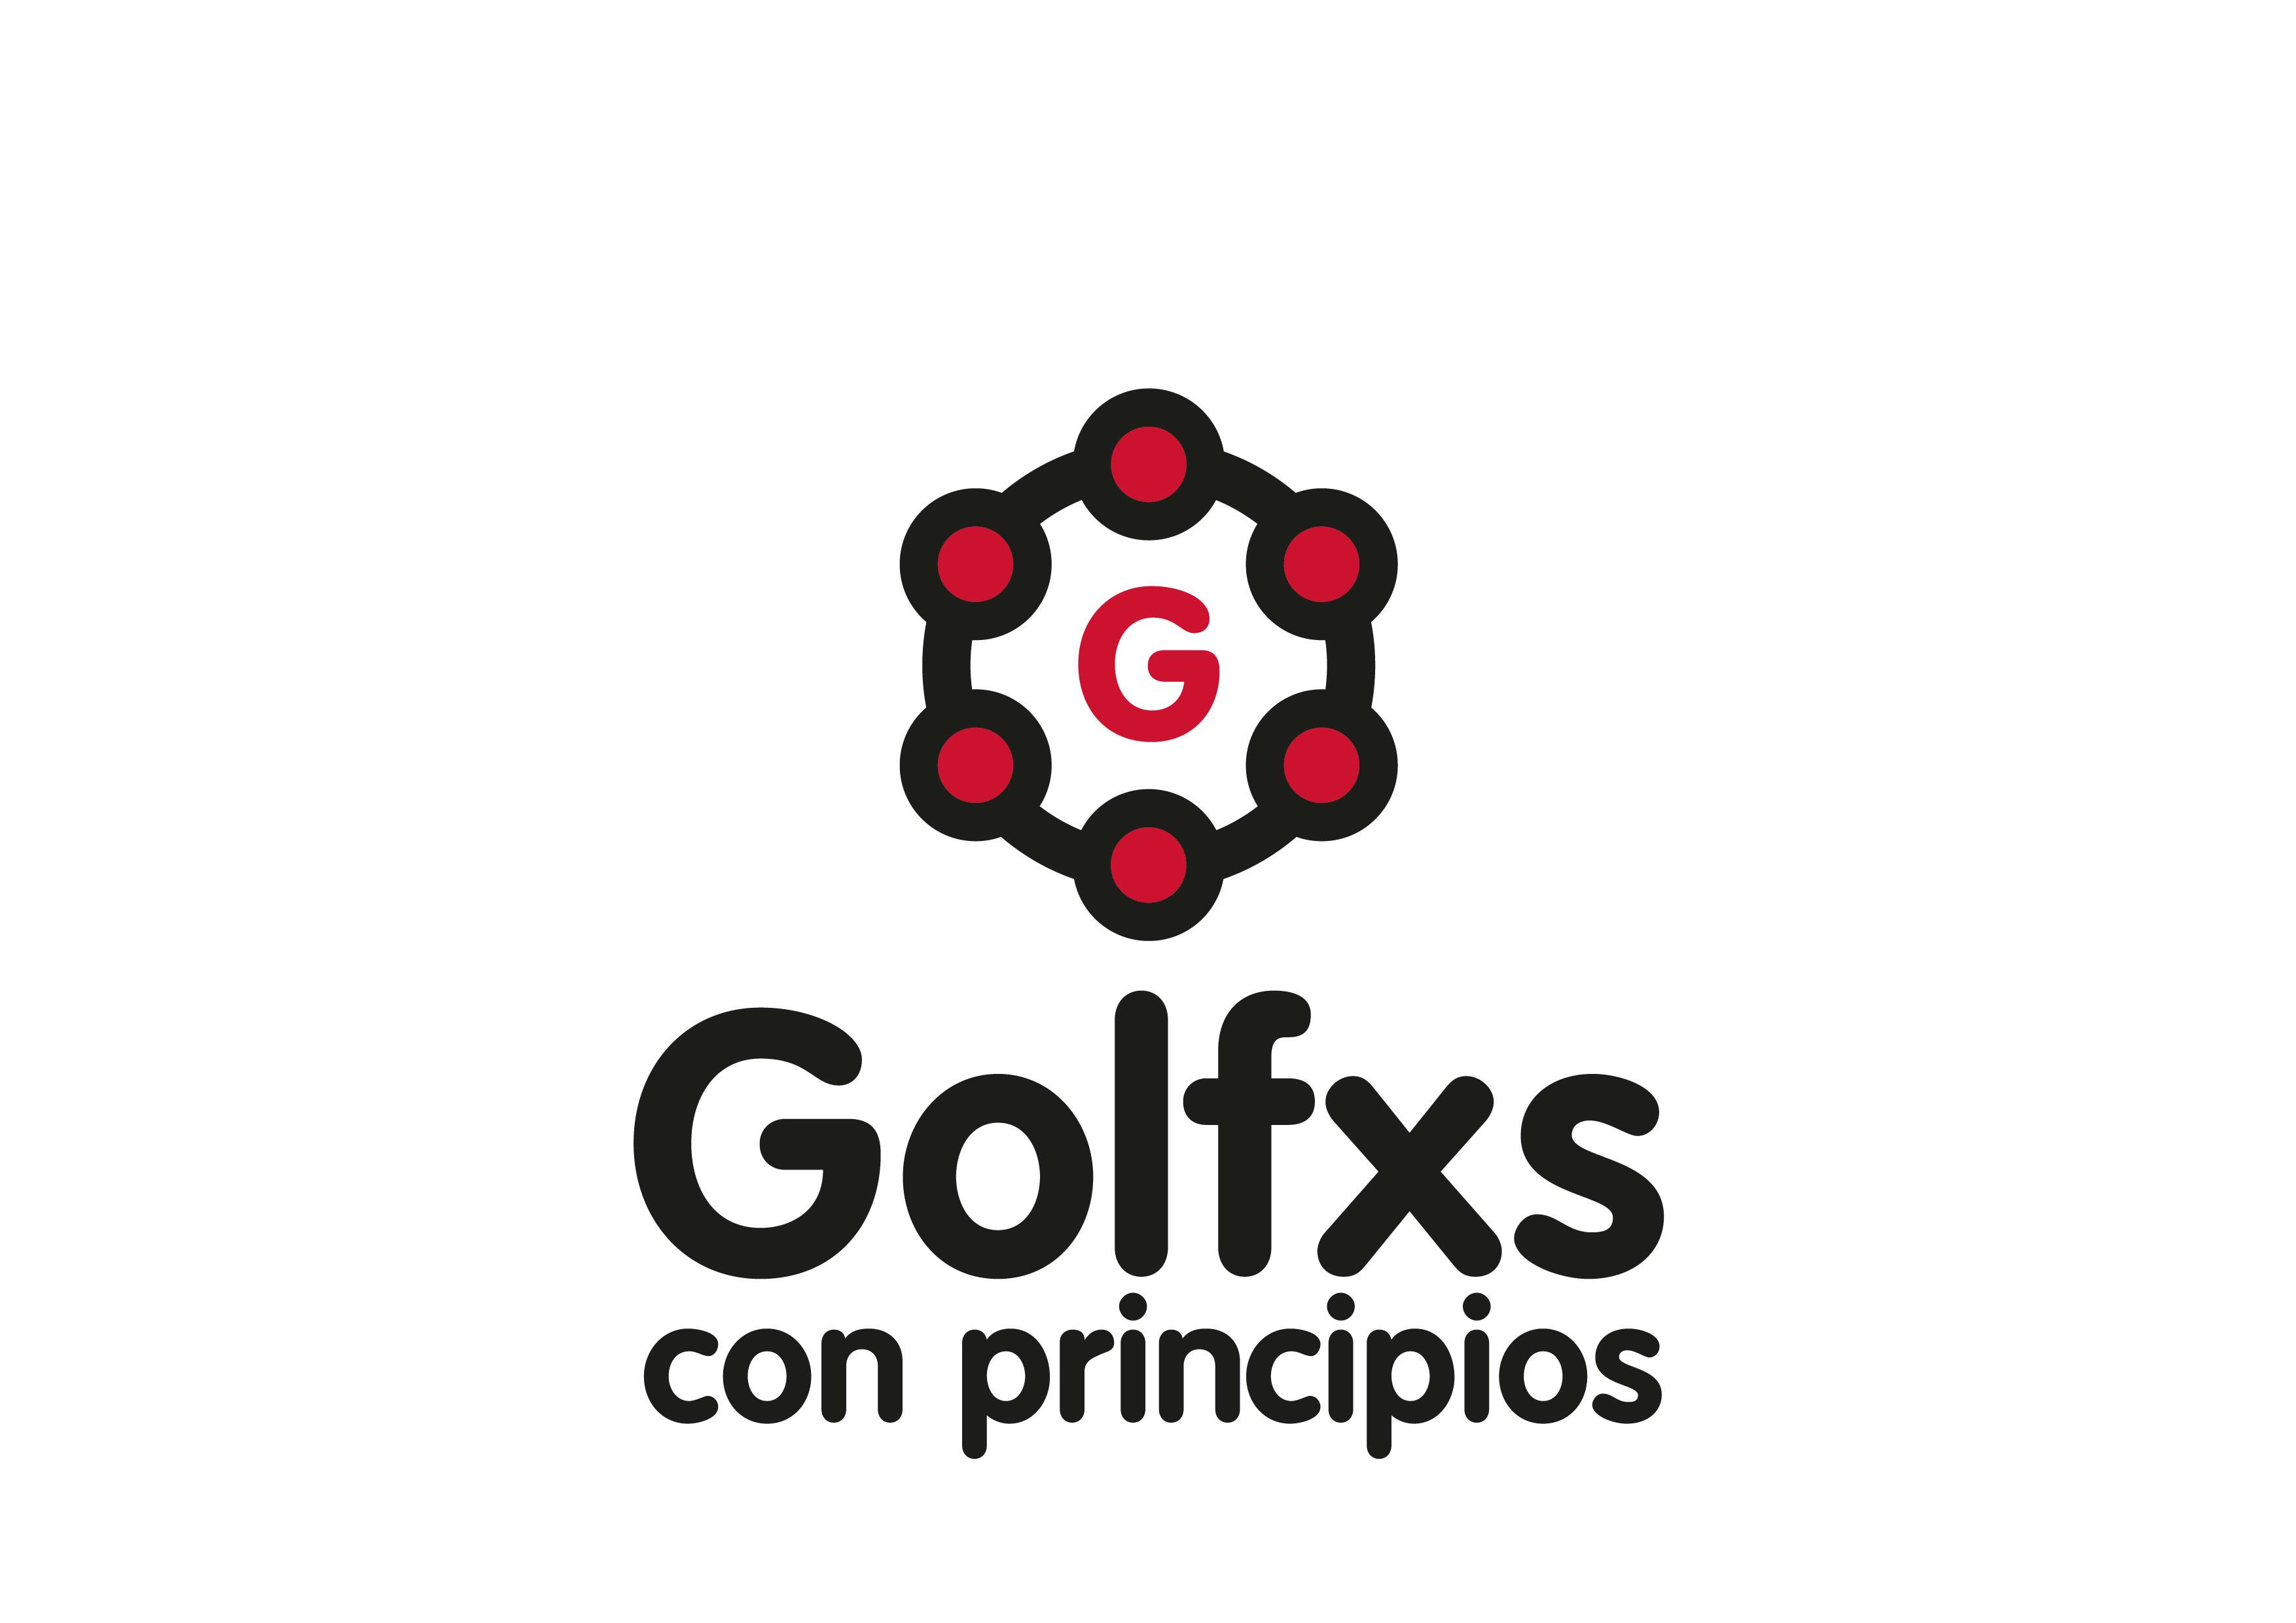 Golfxsconprincipioslogo2015-01 medium-01